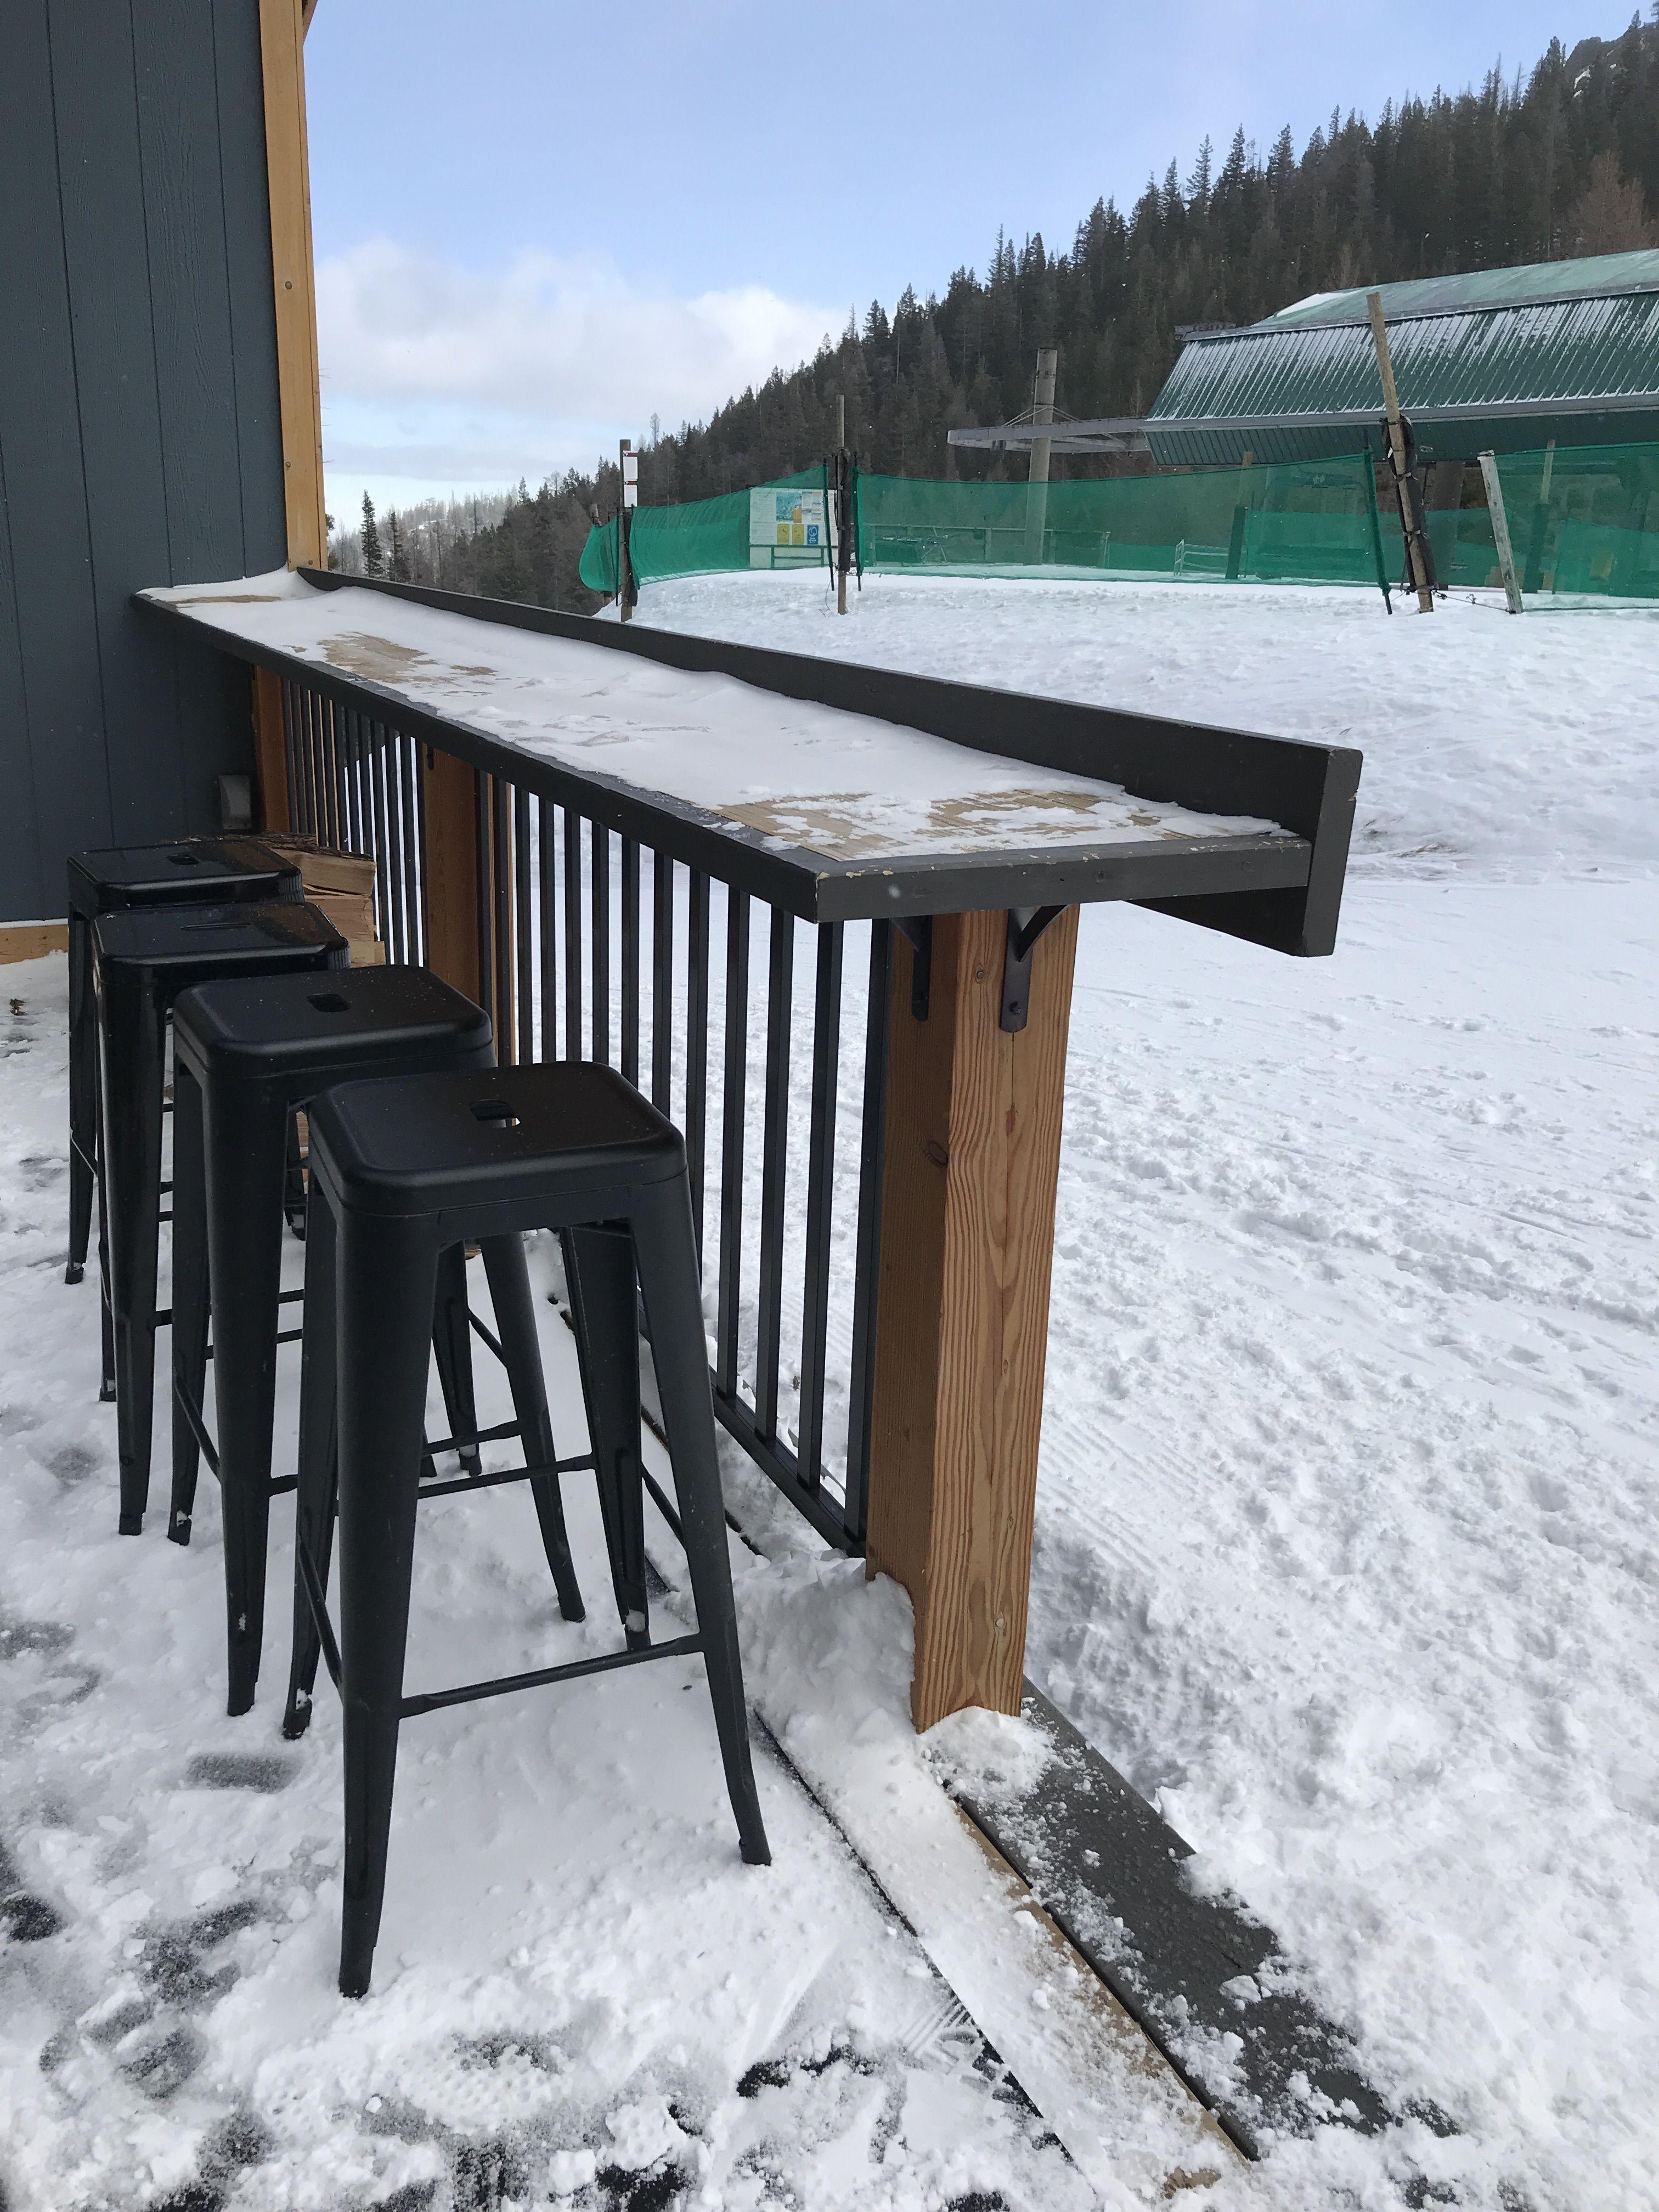 Deck rail as bar top in 2020 | Patio railing, Deck bar ...